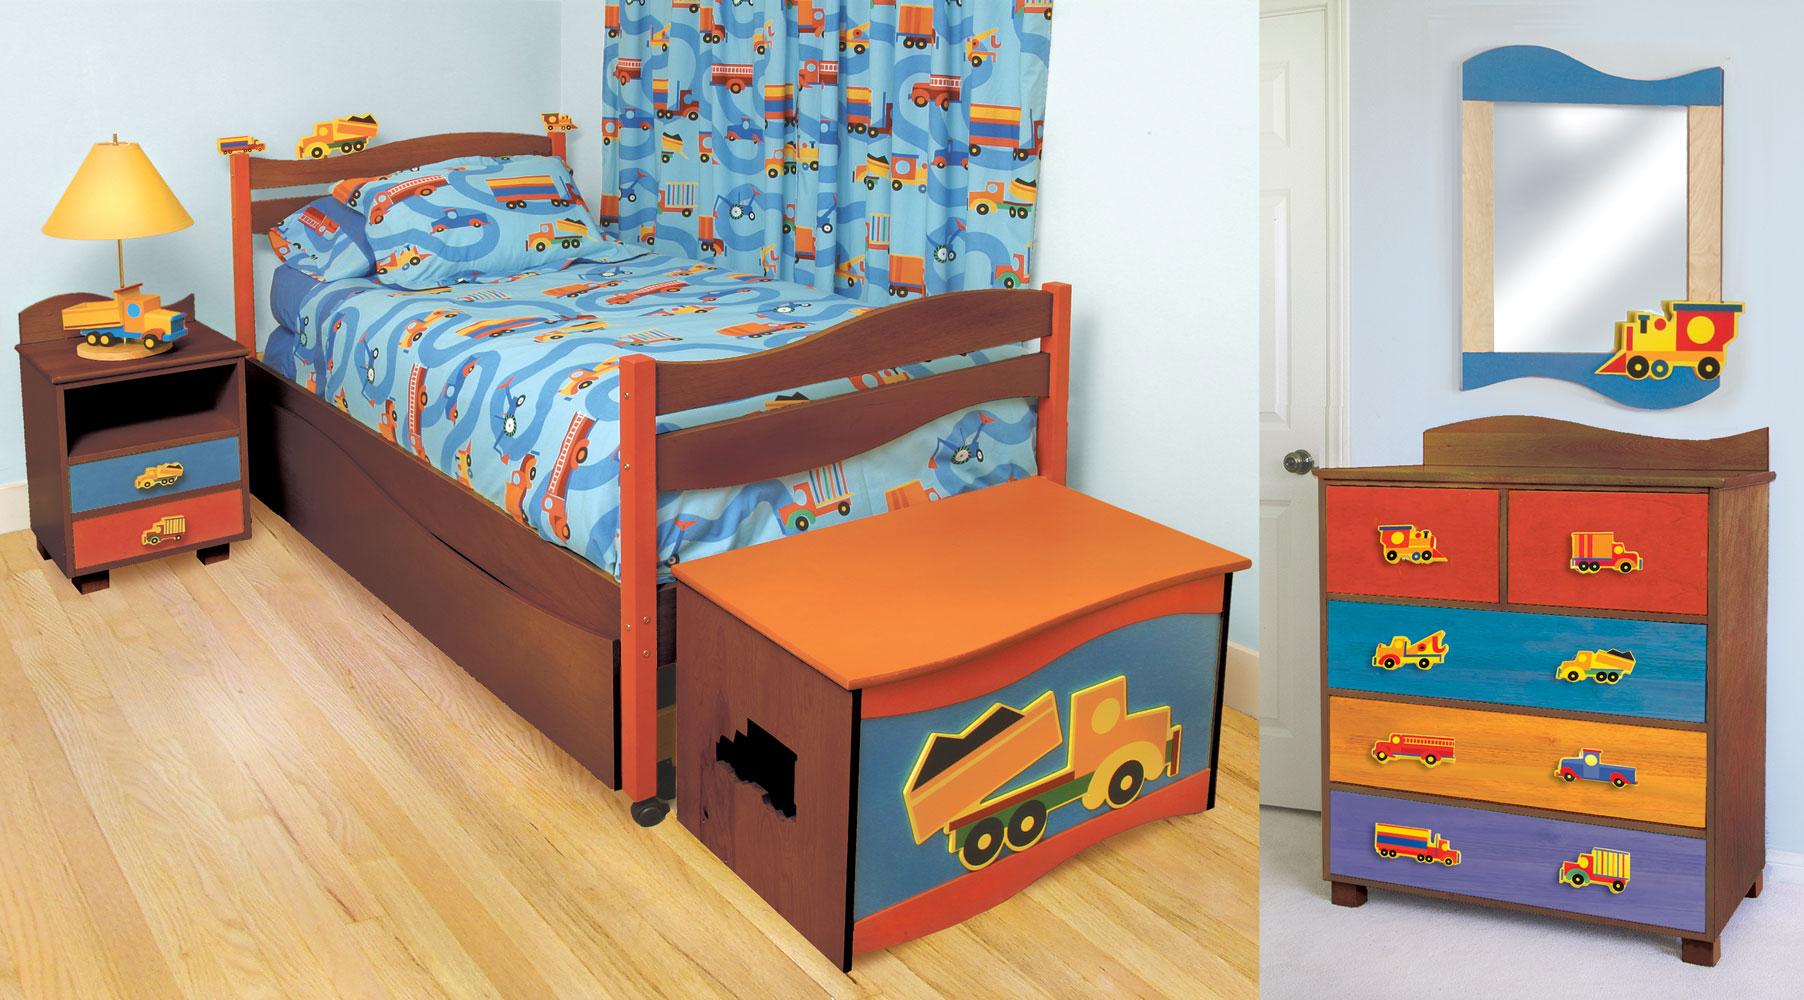 Lazy boy bedroom furniture for kids | Hawk Haven